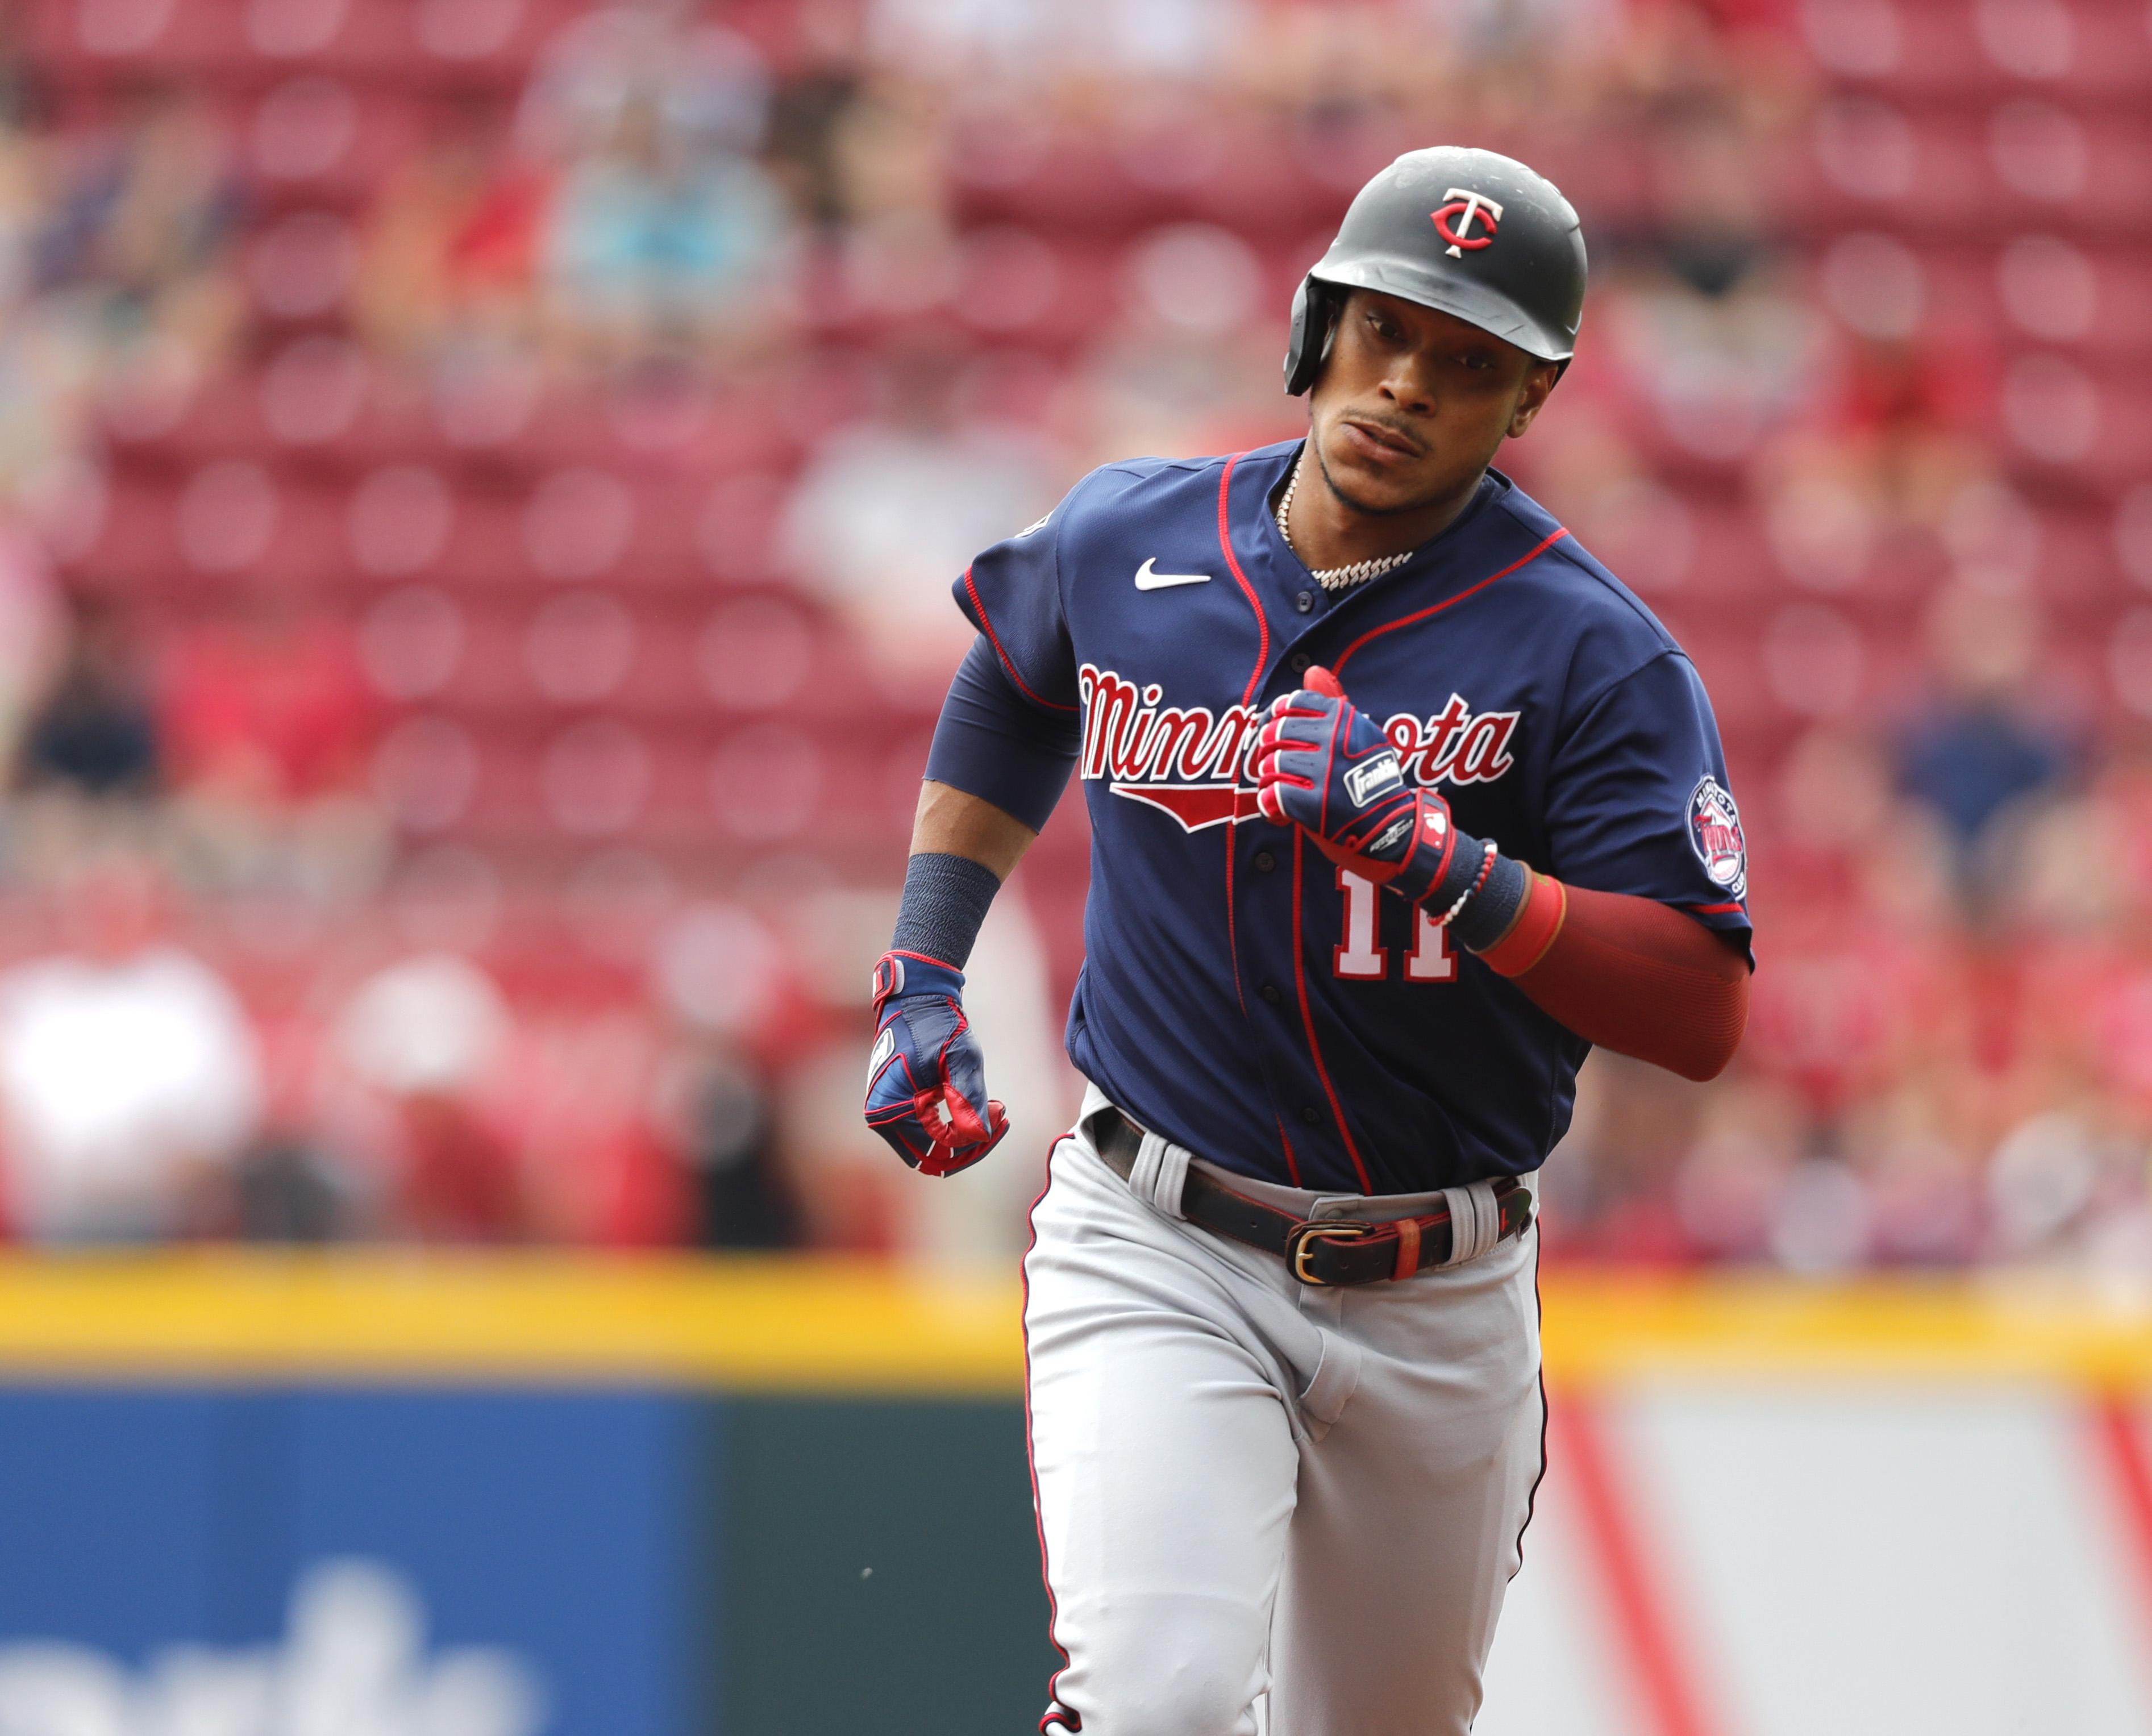 MLB: Minnesota Twins at Cincinnati Reds